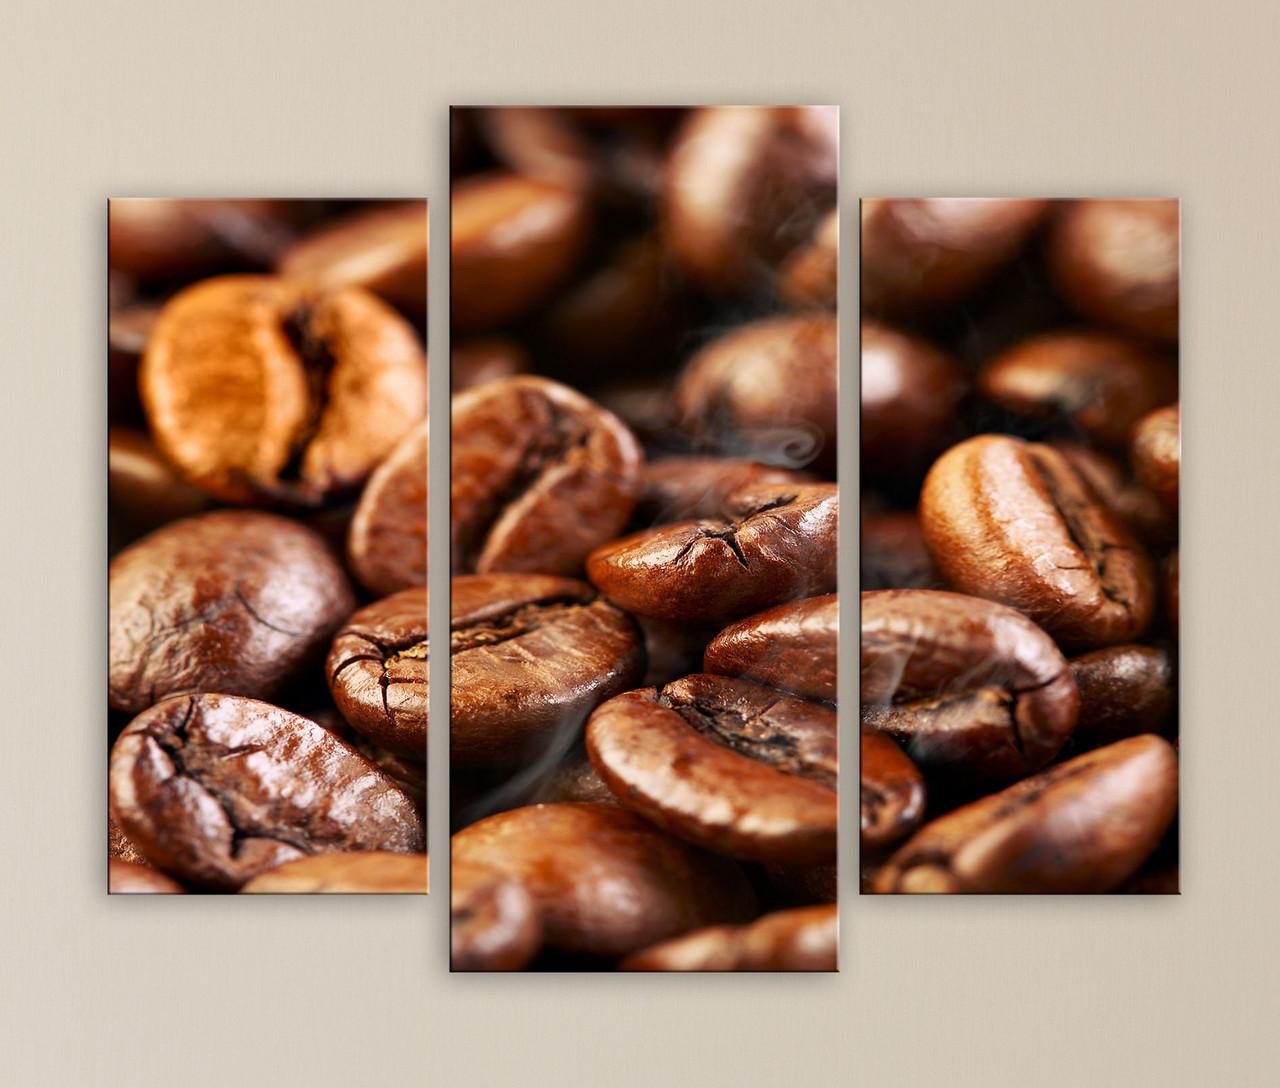 Модульная картина Ароматный кофе - ВСЕВОДНОМ в Киеве